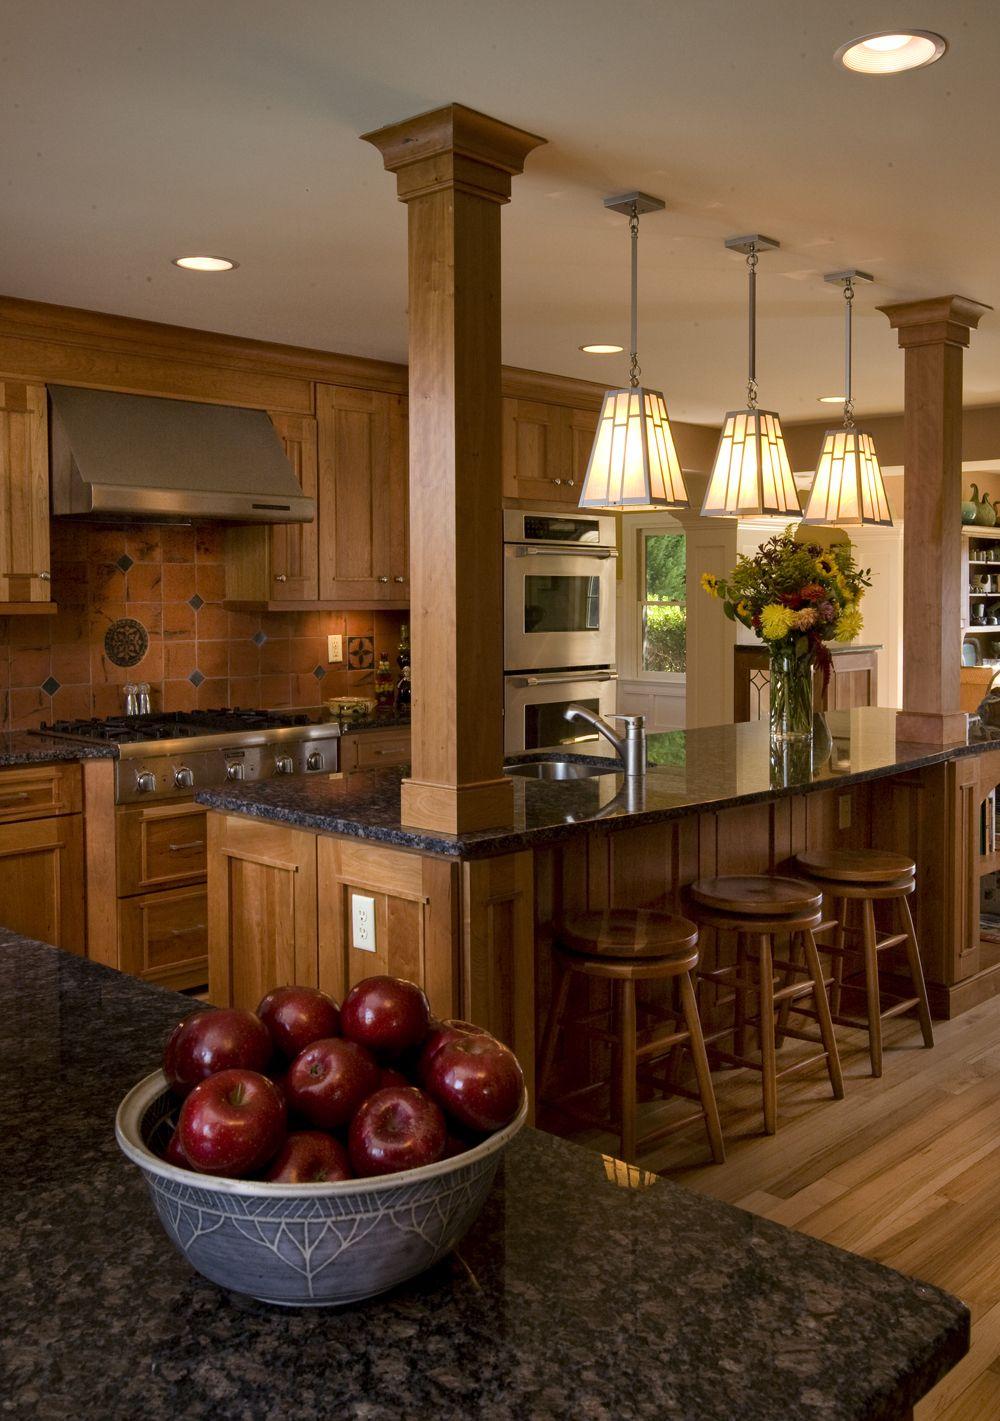 Architect Design Services Interior Design Services Acm Design Kitchen Island Design Craftsman Kitchen Rustic Kitchen Design